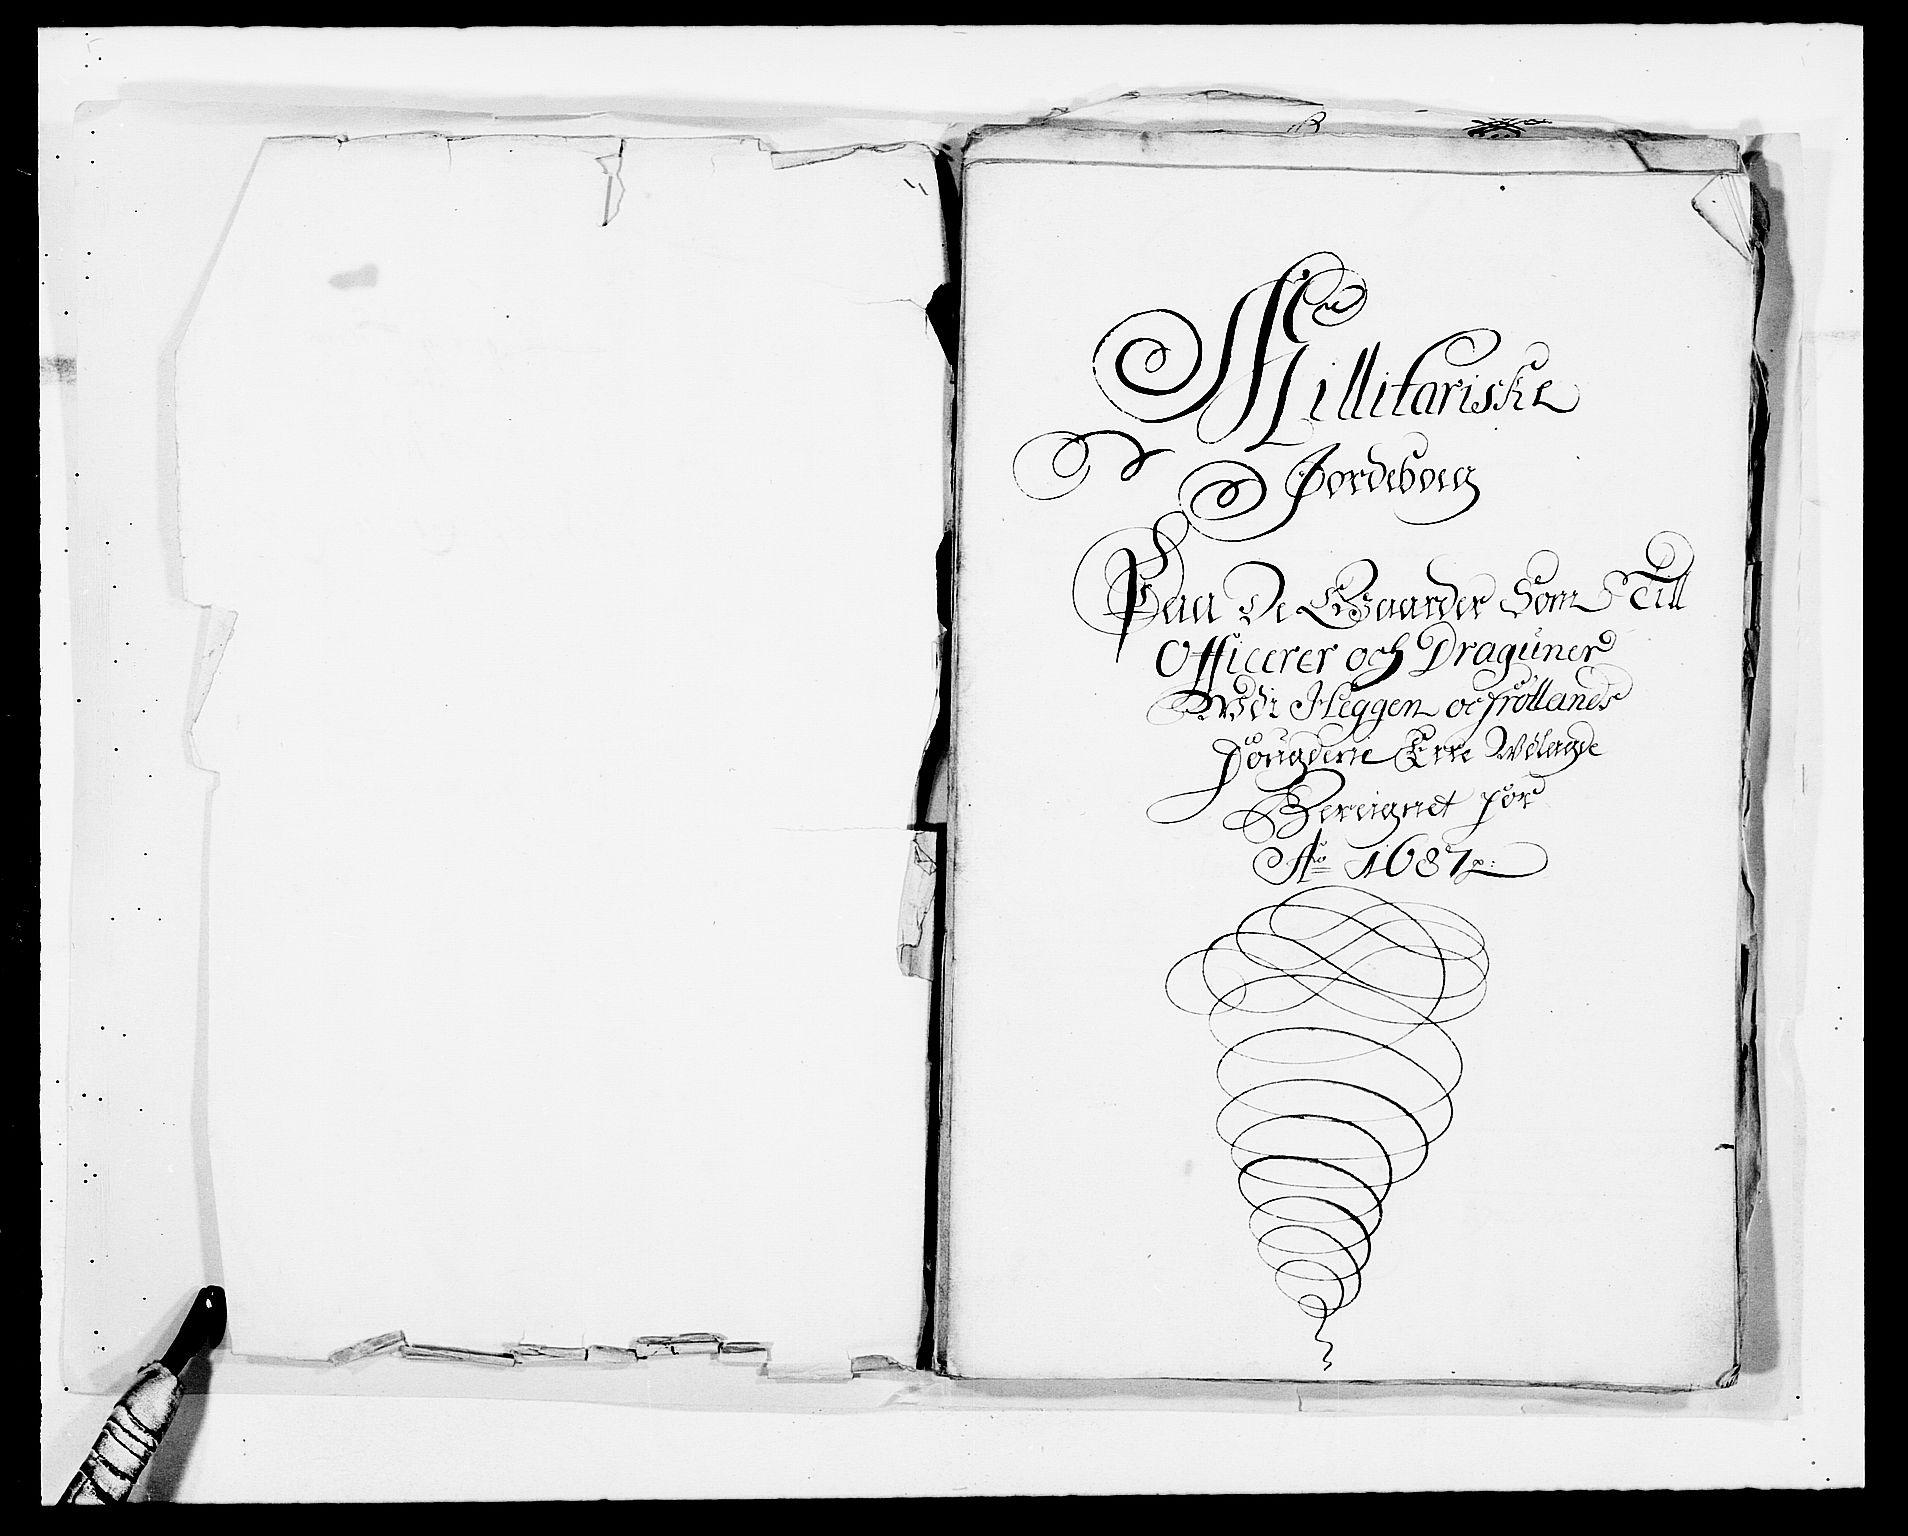 RA, Rentekammeret inntil 1814, Reviderte regnskaper, Fogderegnskap, R06/L0282: Fogderegnskap Heggen og Frøland, 1687-1690, s. 3